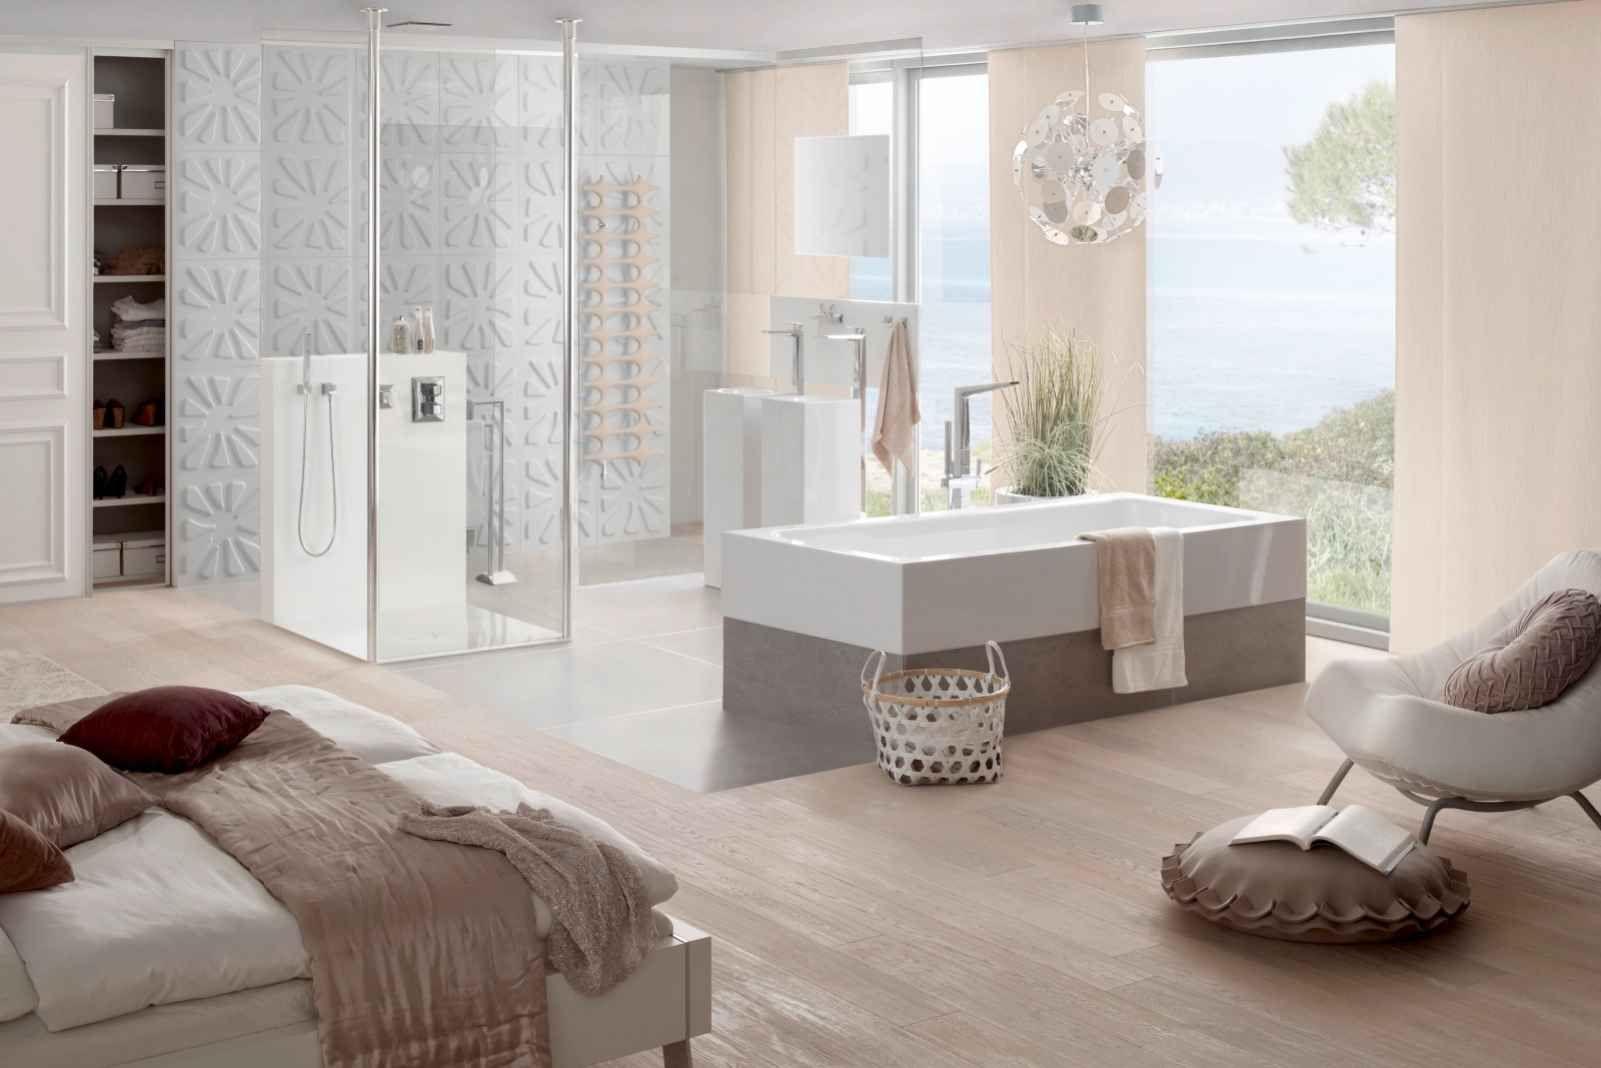 kombinierte schlafzimmer und badezimmer mit rechteck-badewanne one, Schlafzimmer entwurf